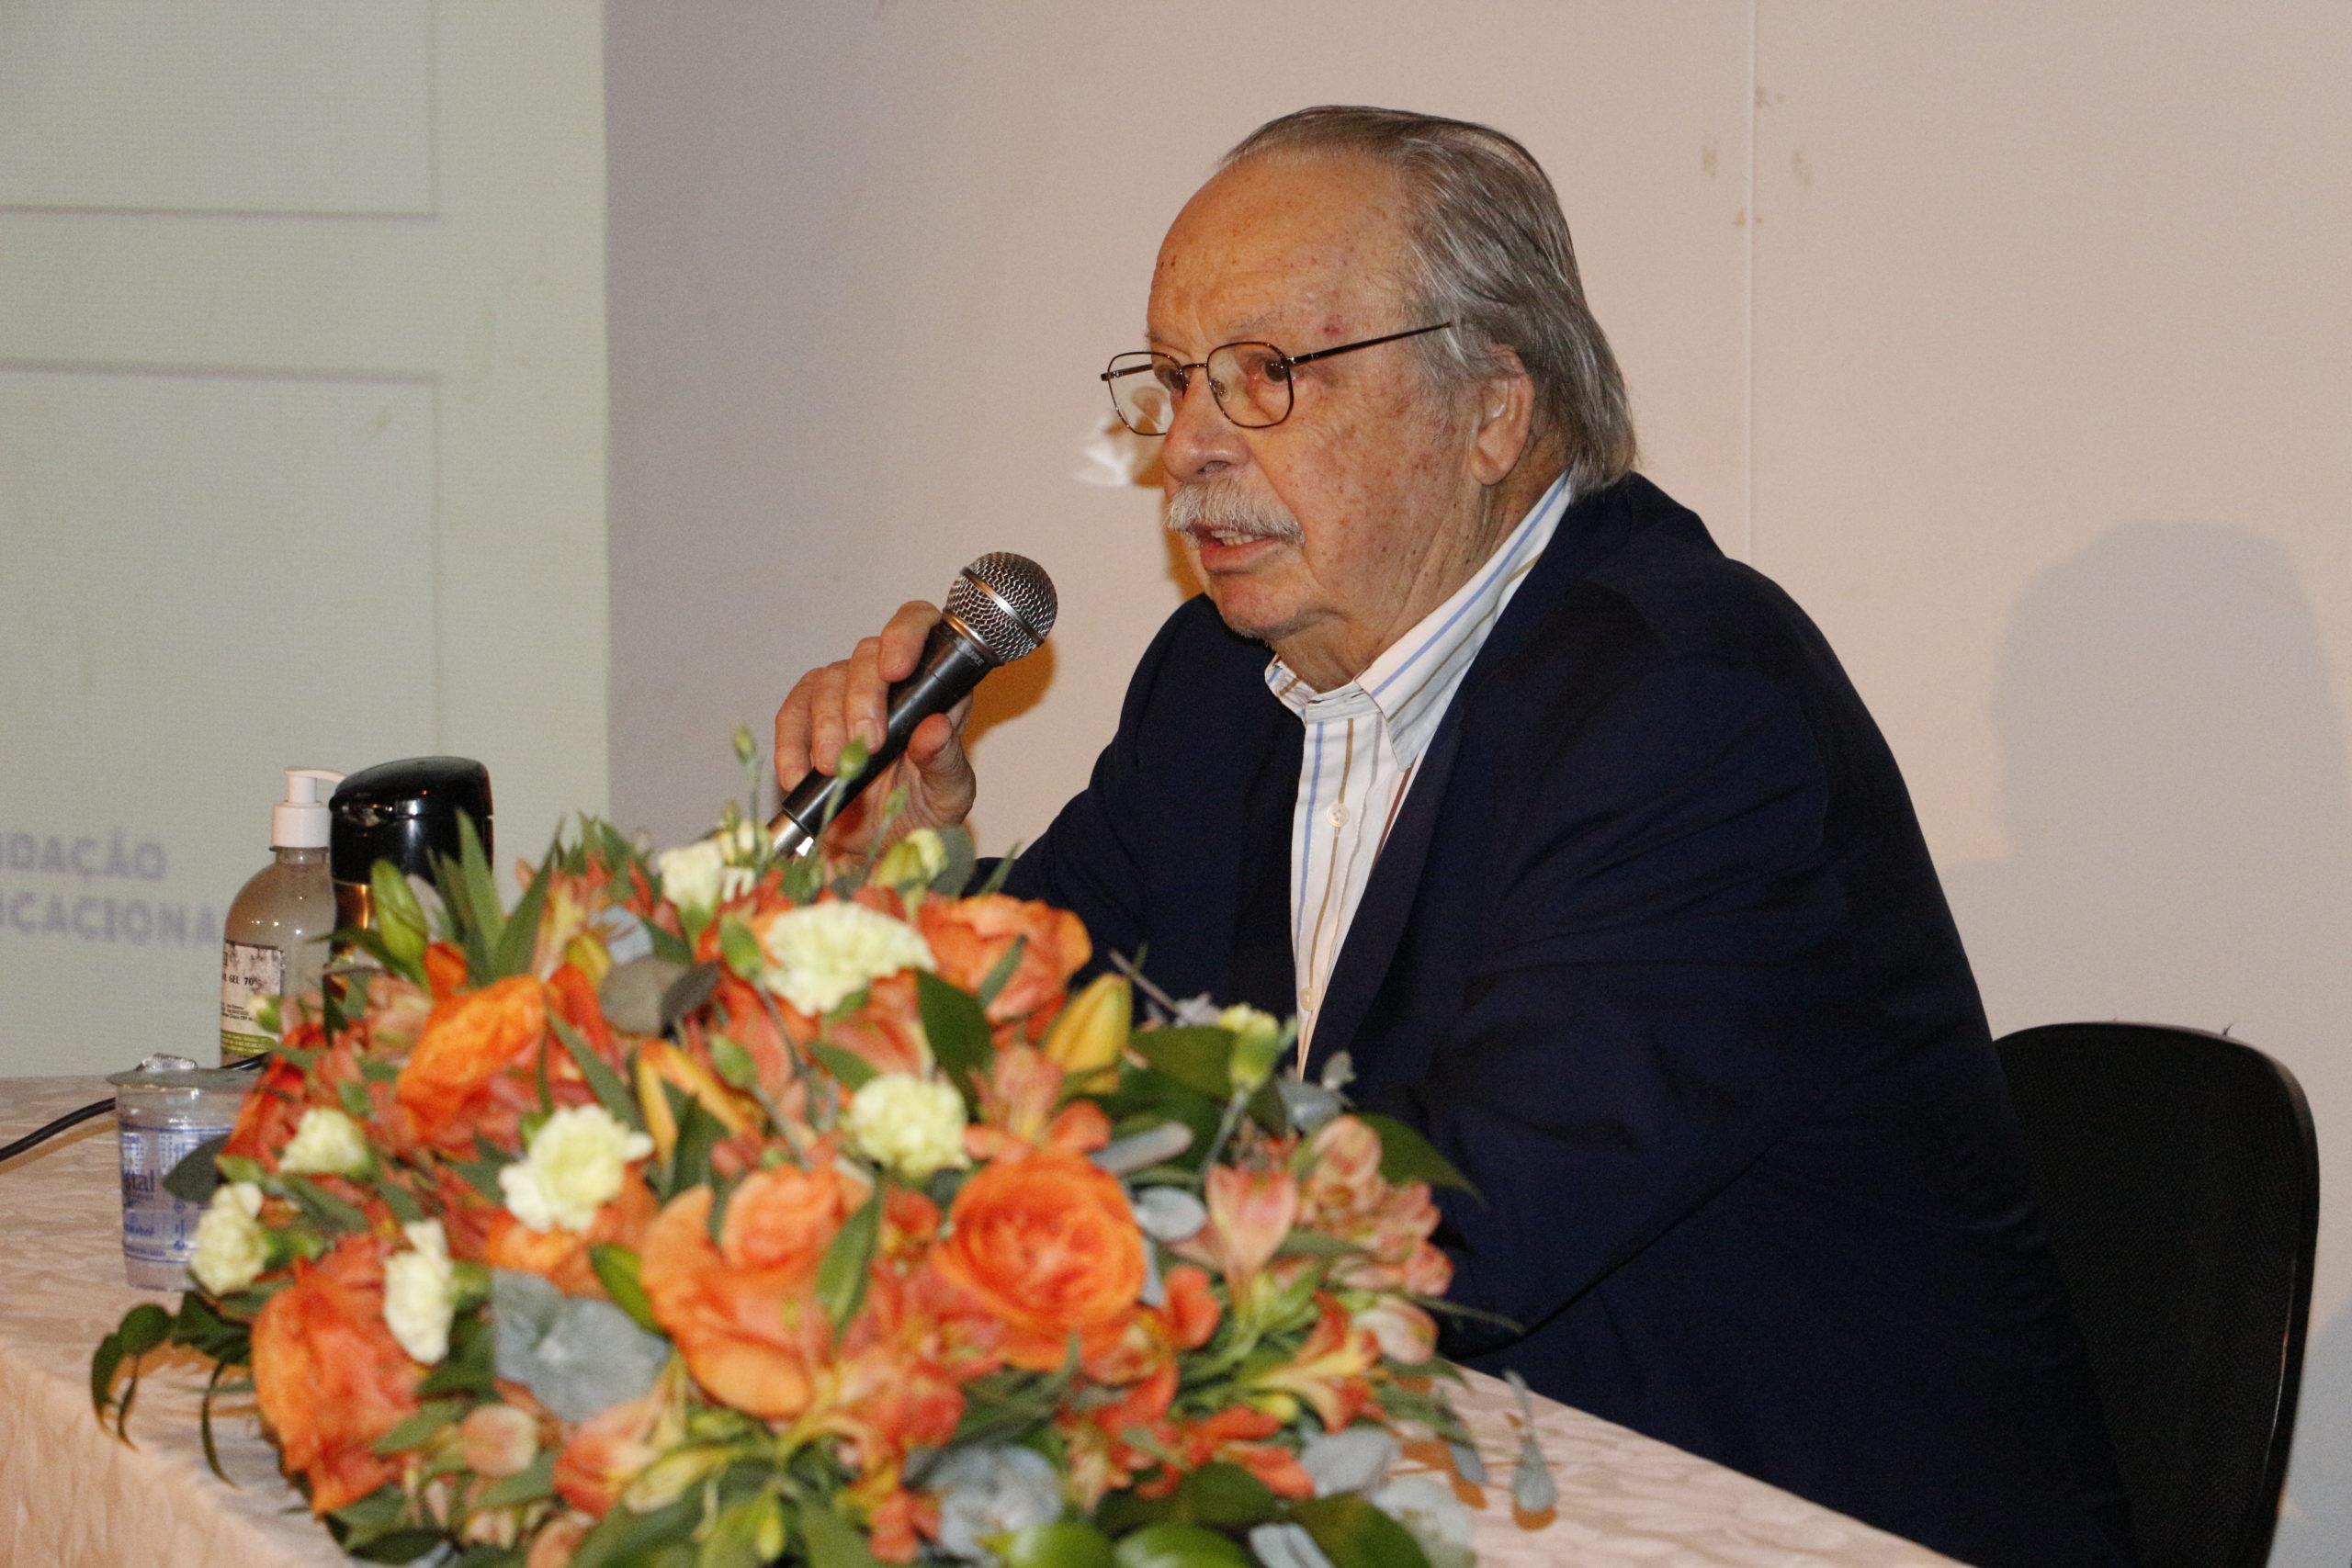 Presidente da FEMM Roque Quagliato conduziu os trabalhos da Assembléia